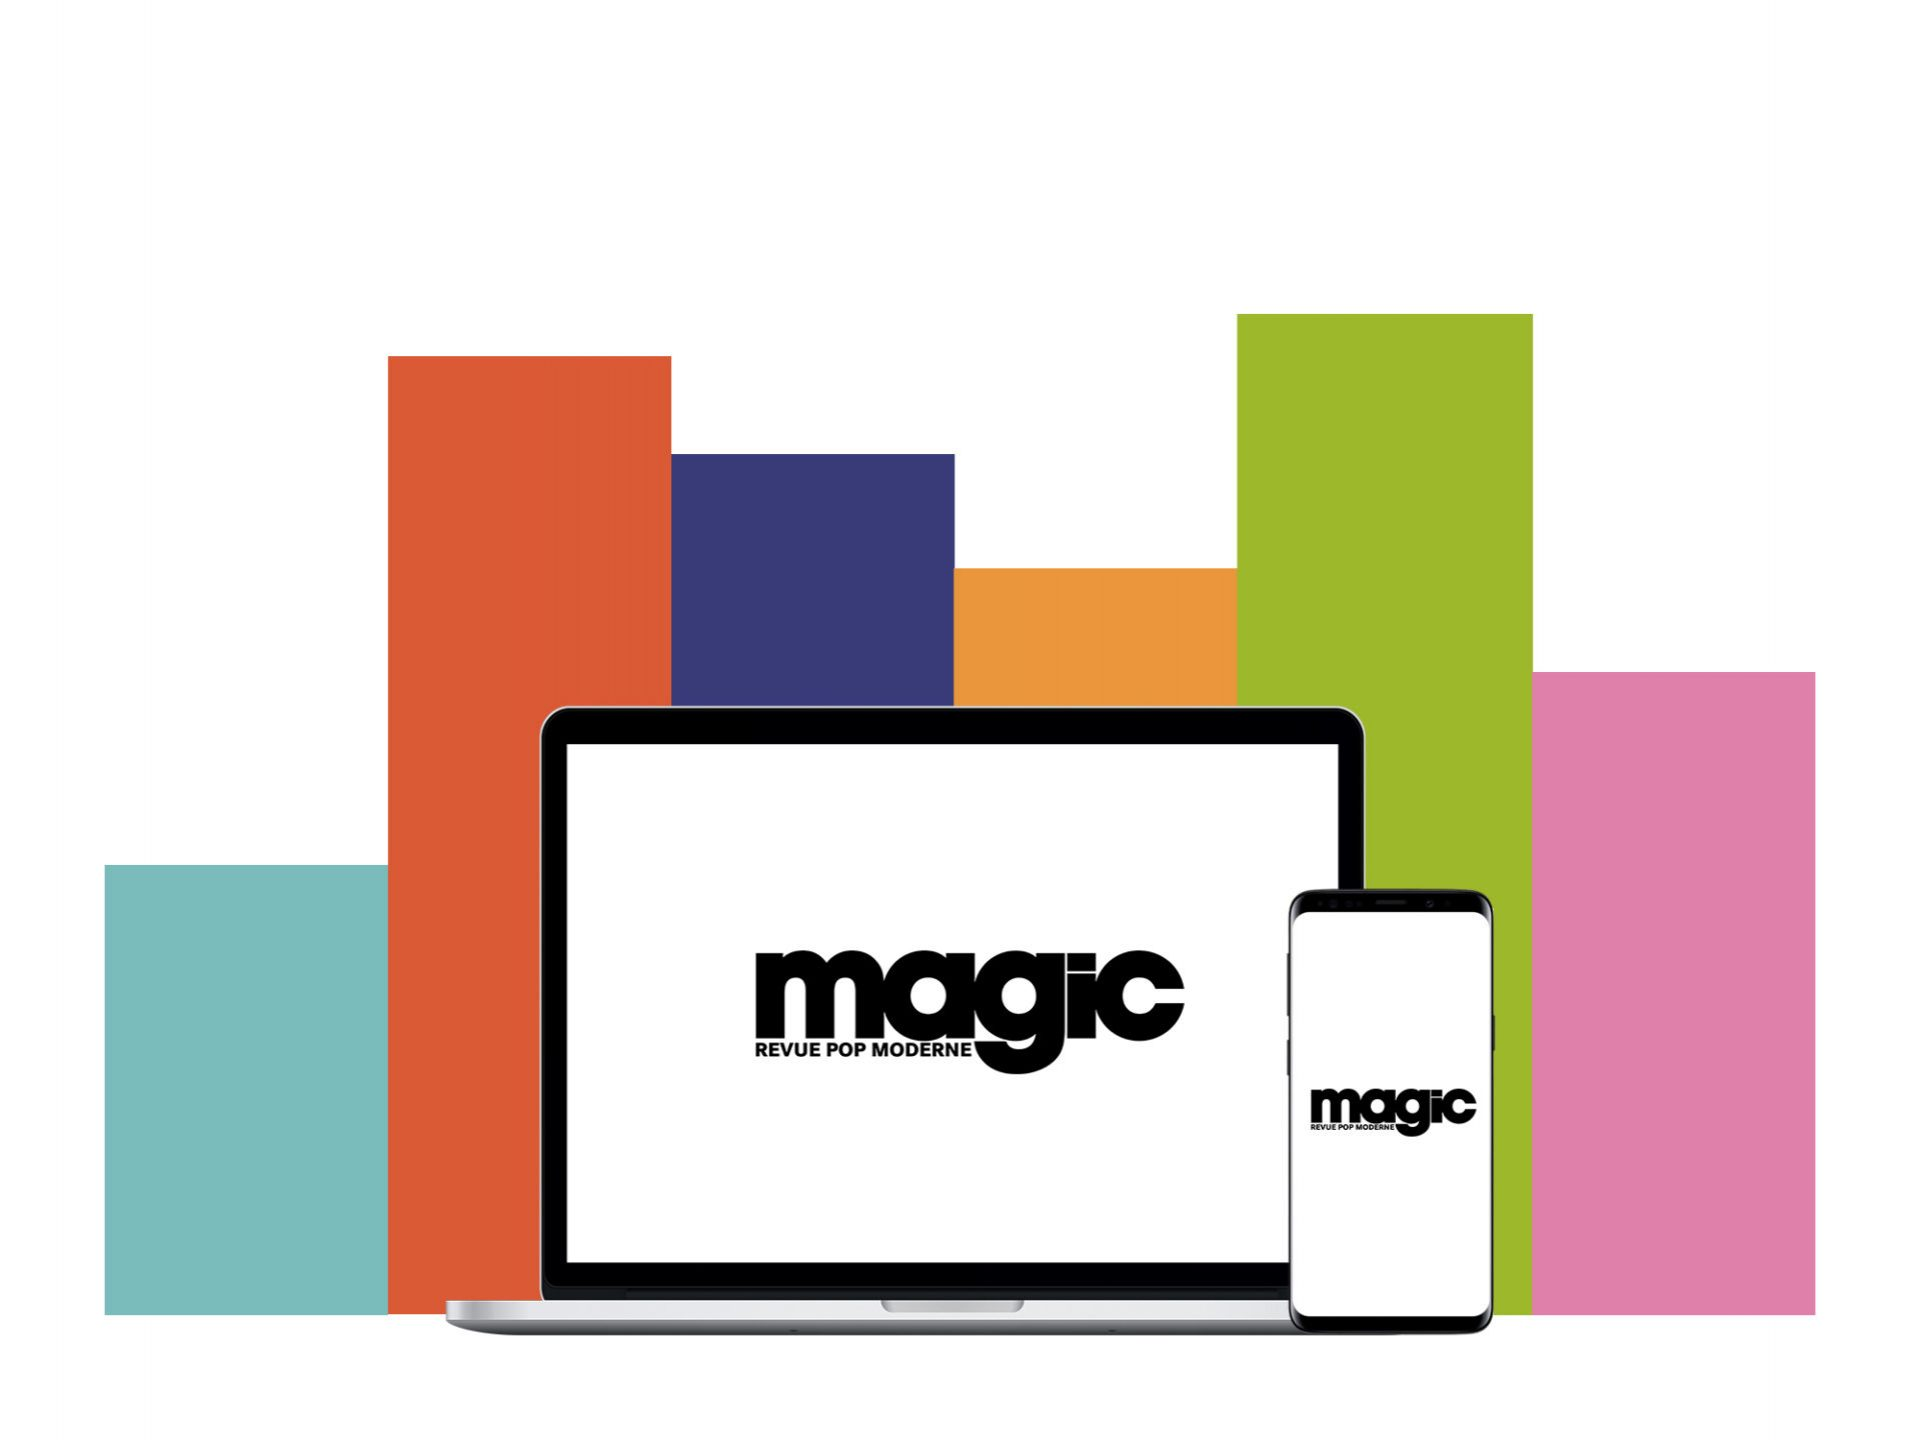 Magic rpm : nouveau site magicrpm.com pour les 25 ans du magazine Magic